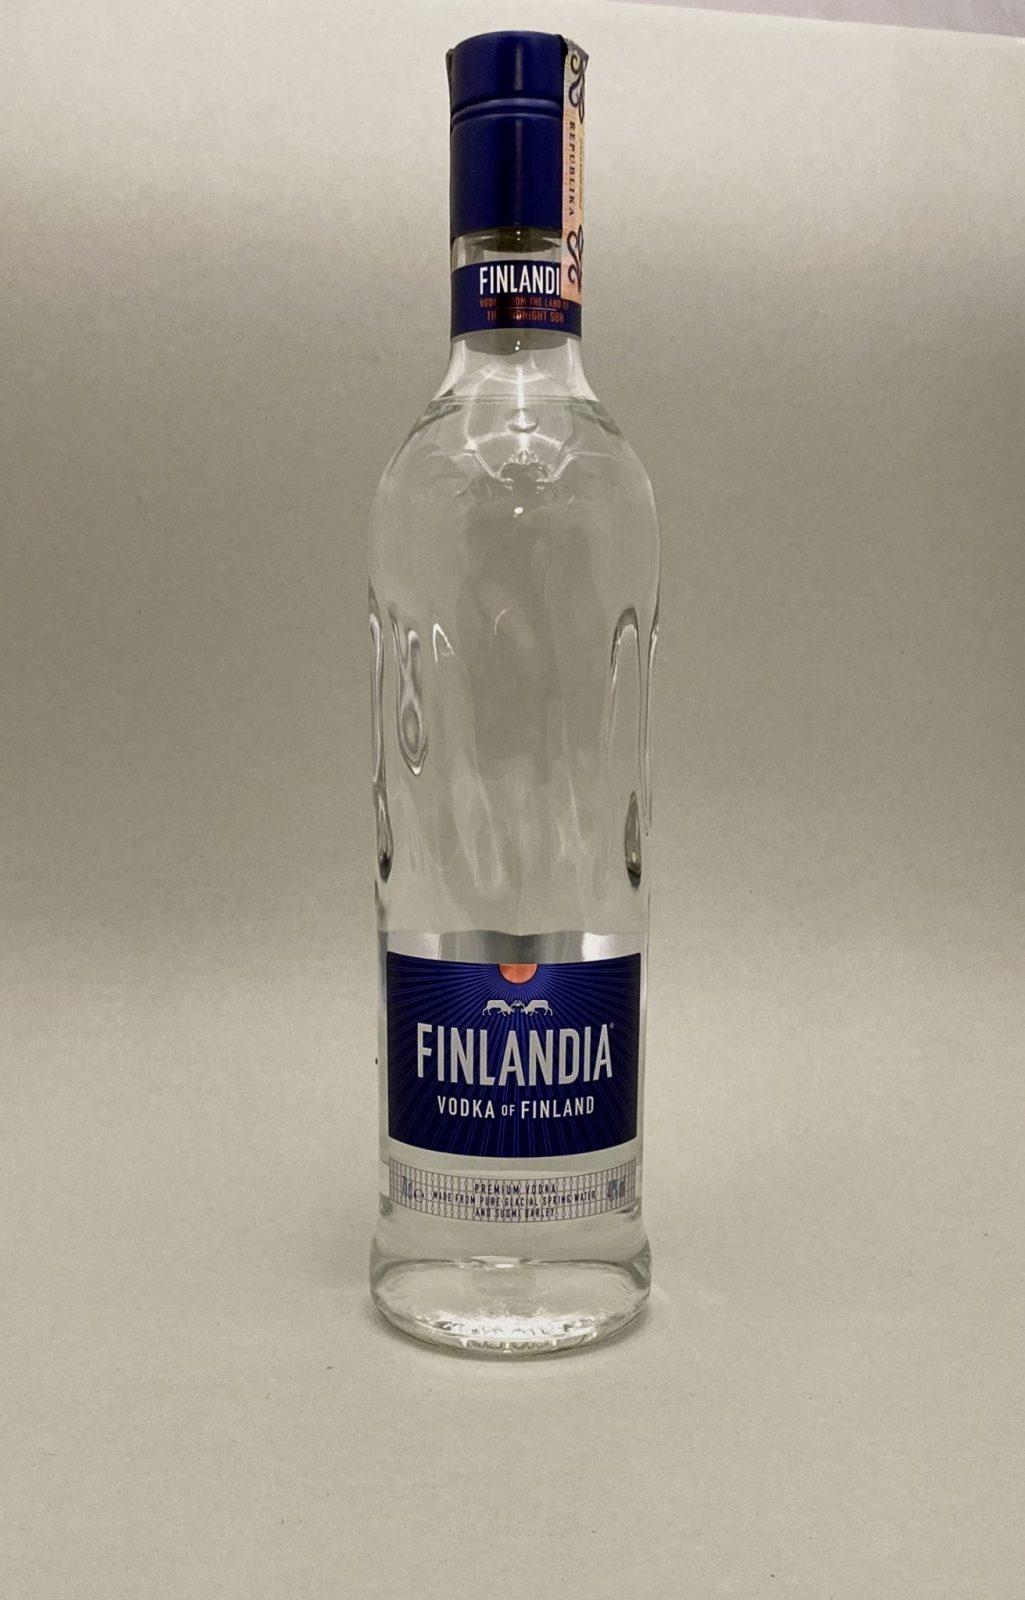 Finlandia Vodka 40%, Bottleshop Sunny wines slnecnice mesto, petrzalka, Vodka, rozvoz alkoholu, eshop